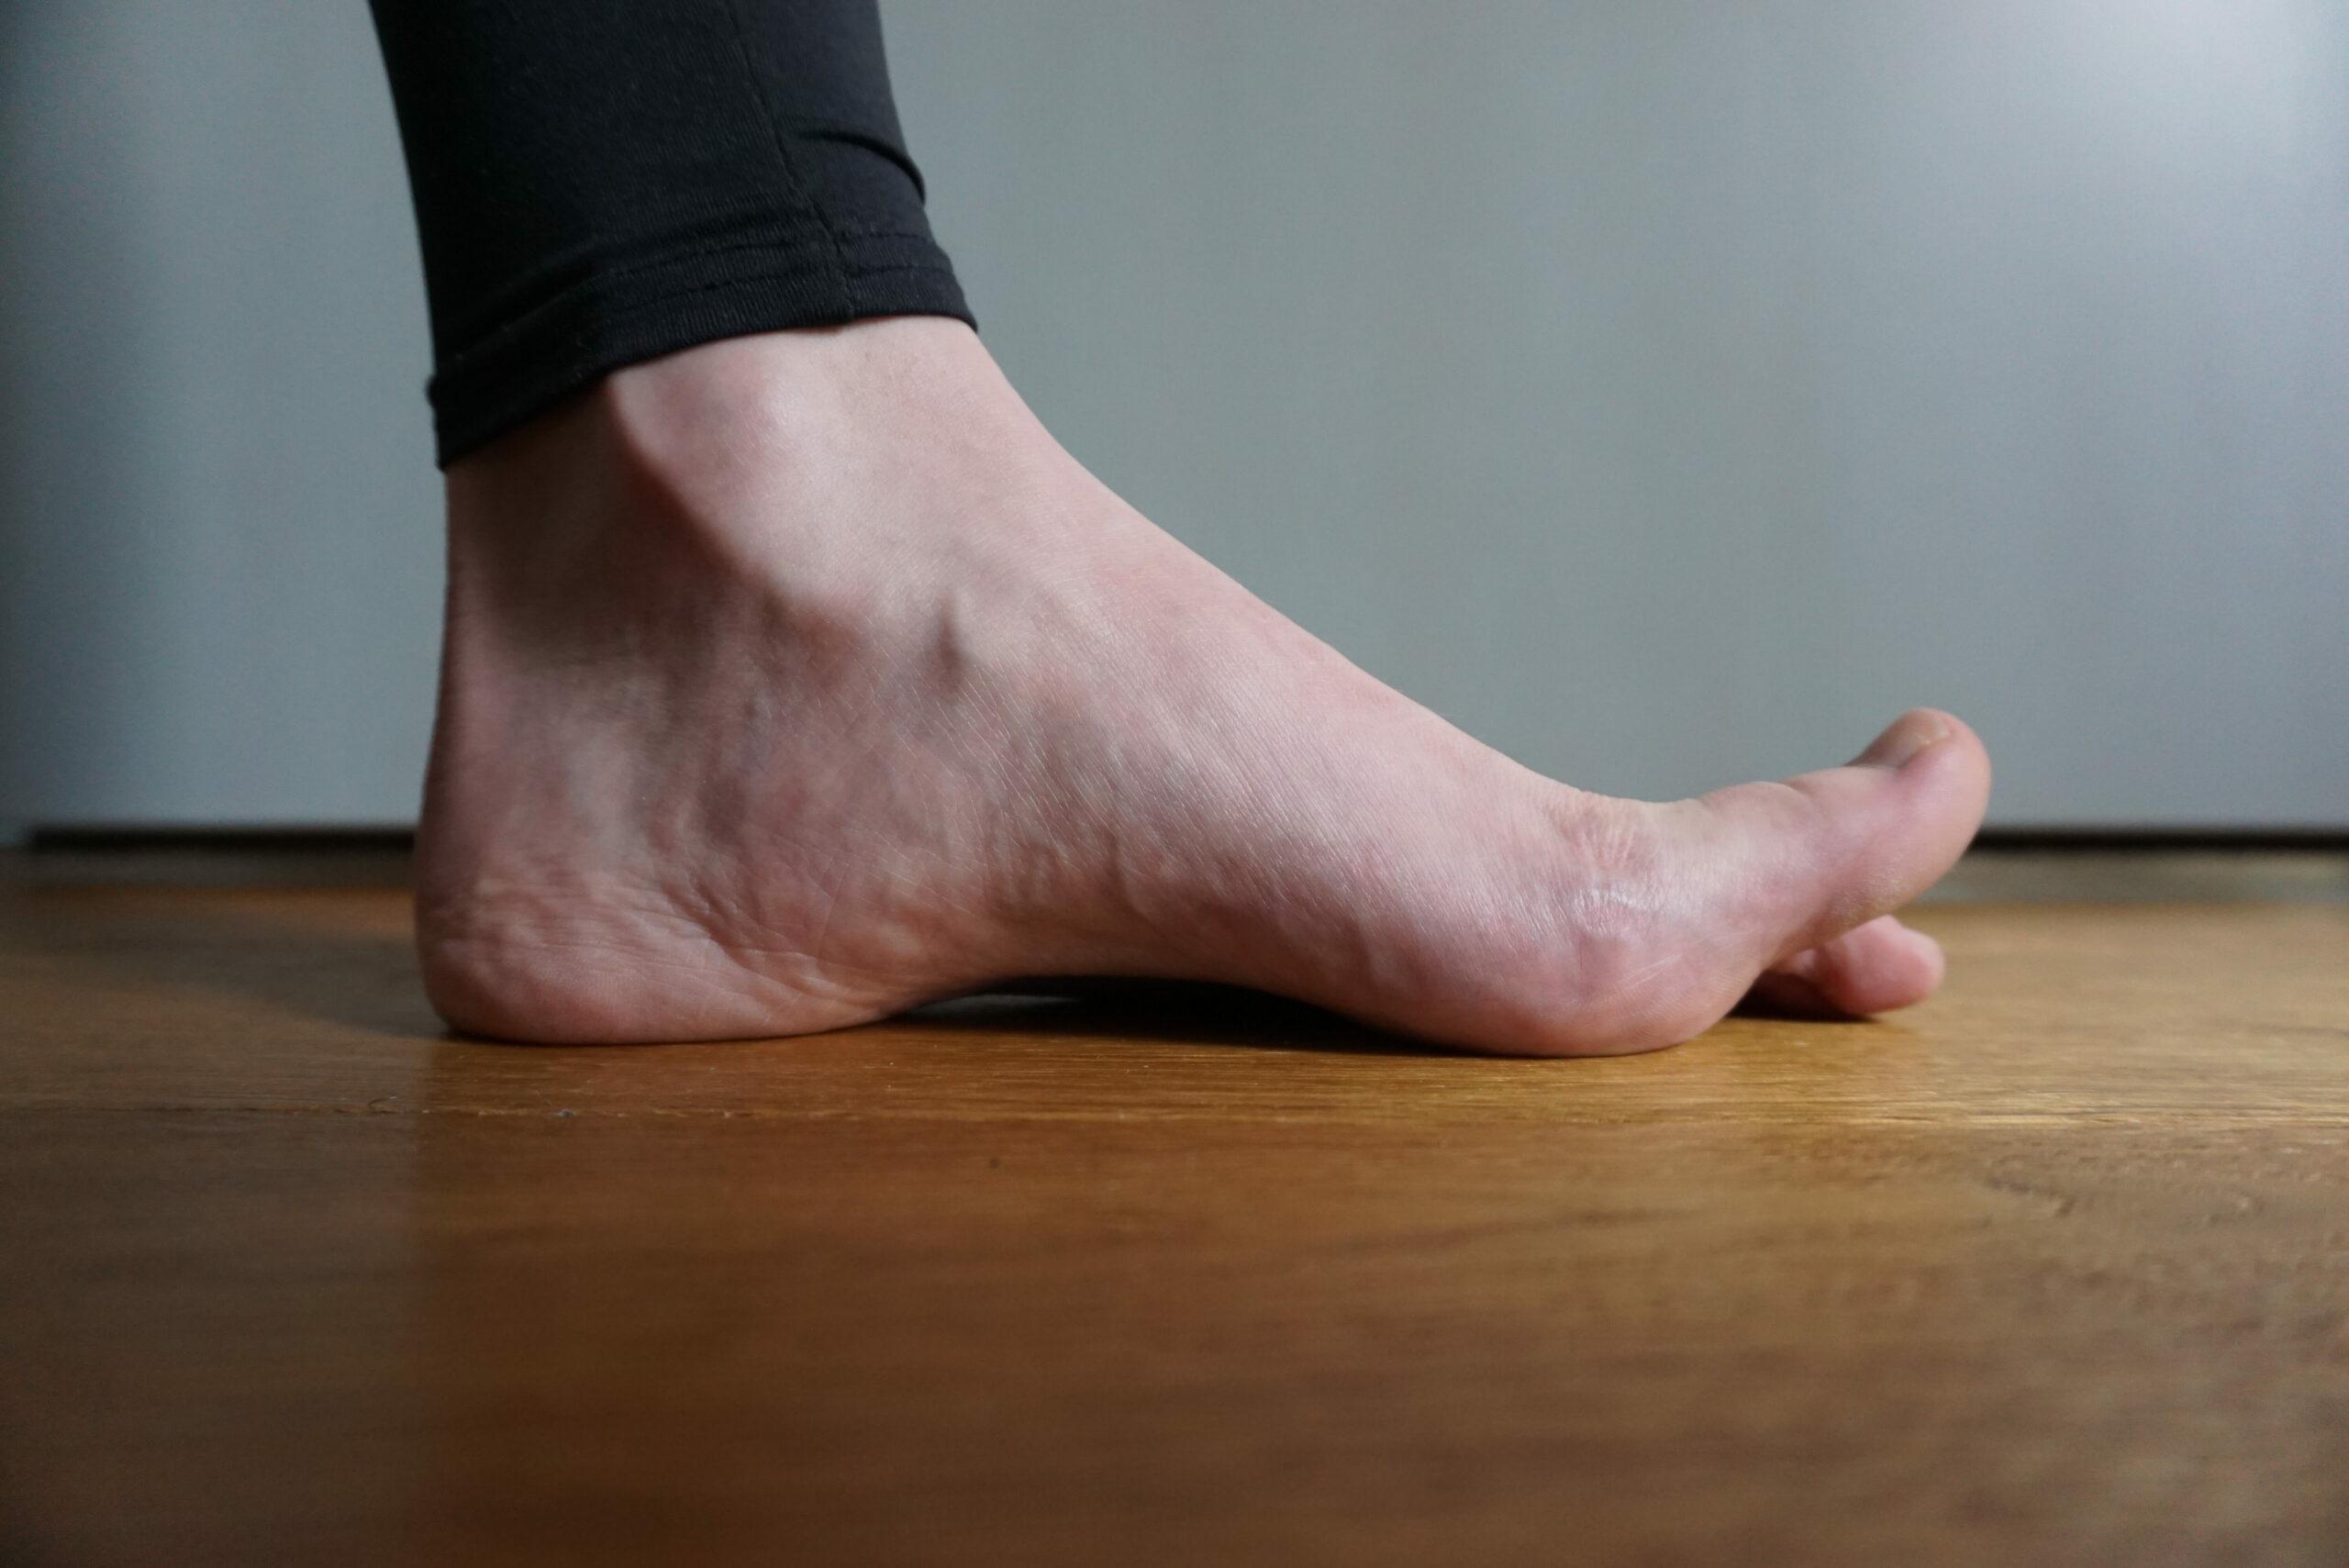 Das Heben der Großzehe kräftigt die Fußmuskulatur.